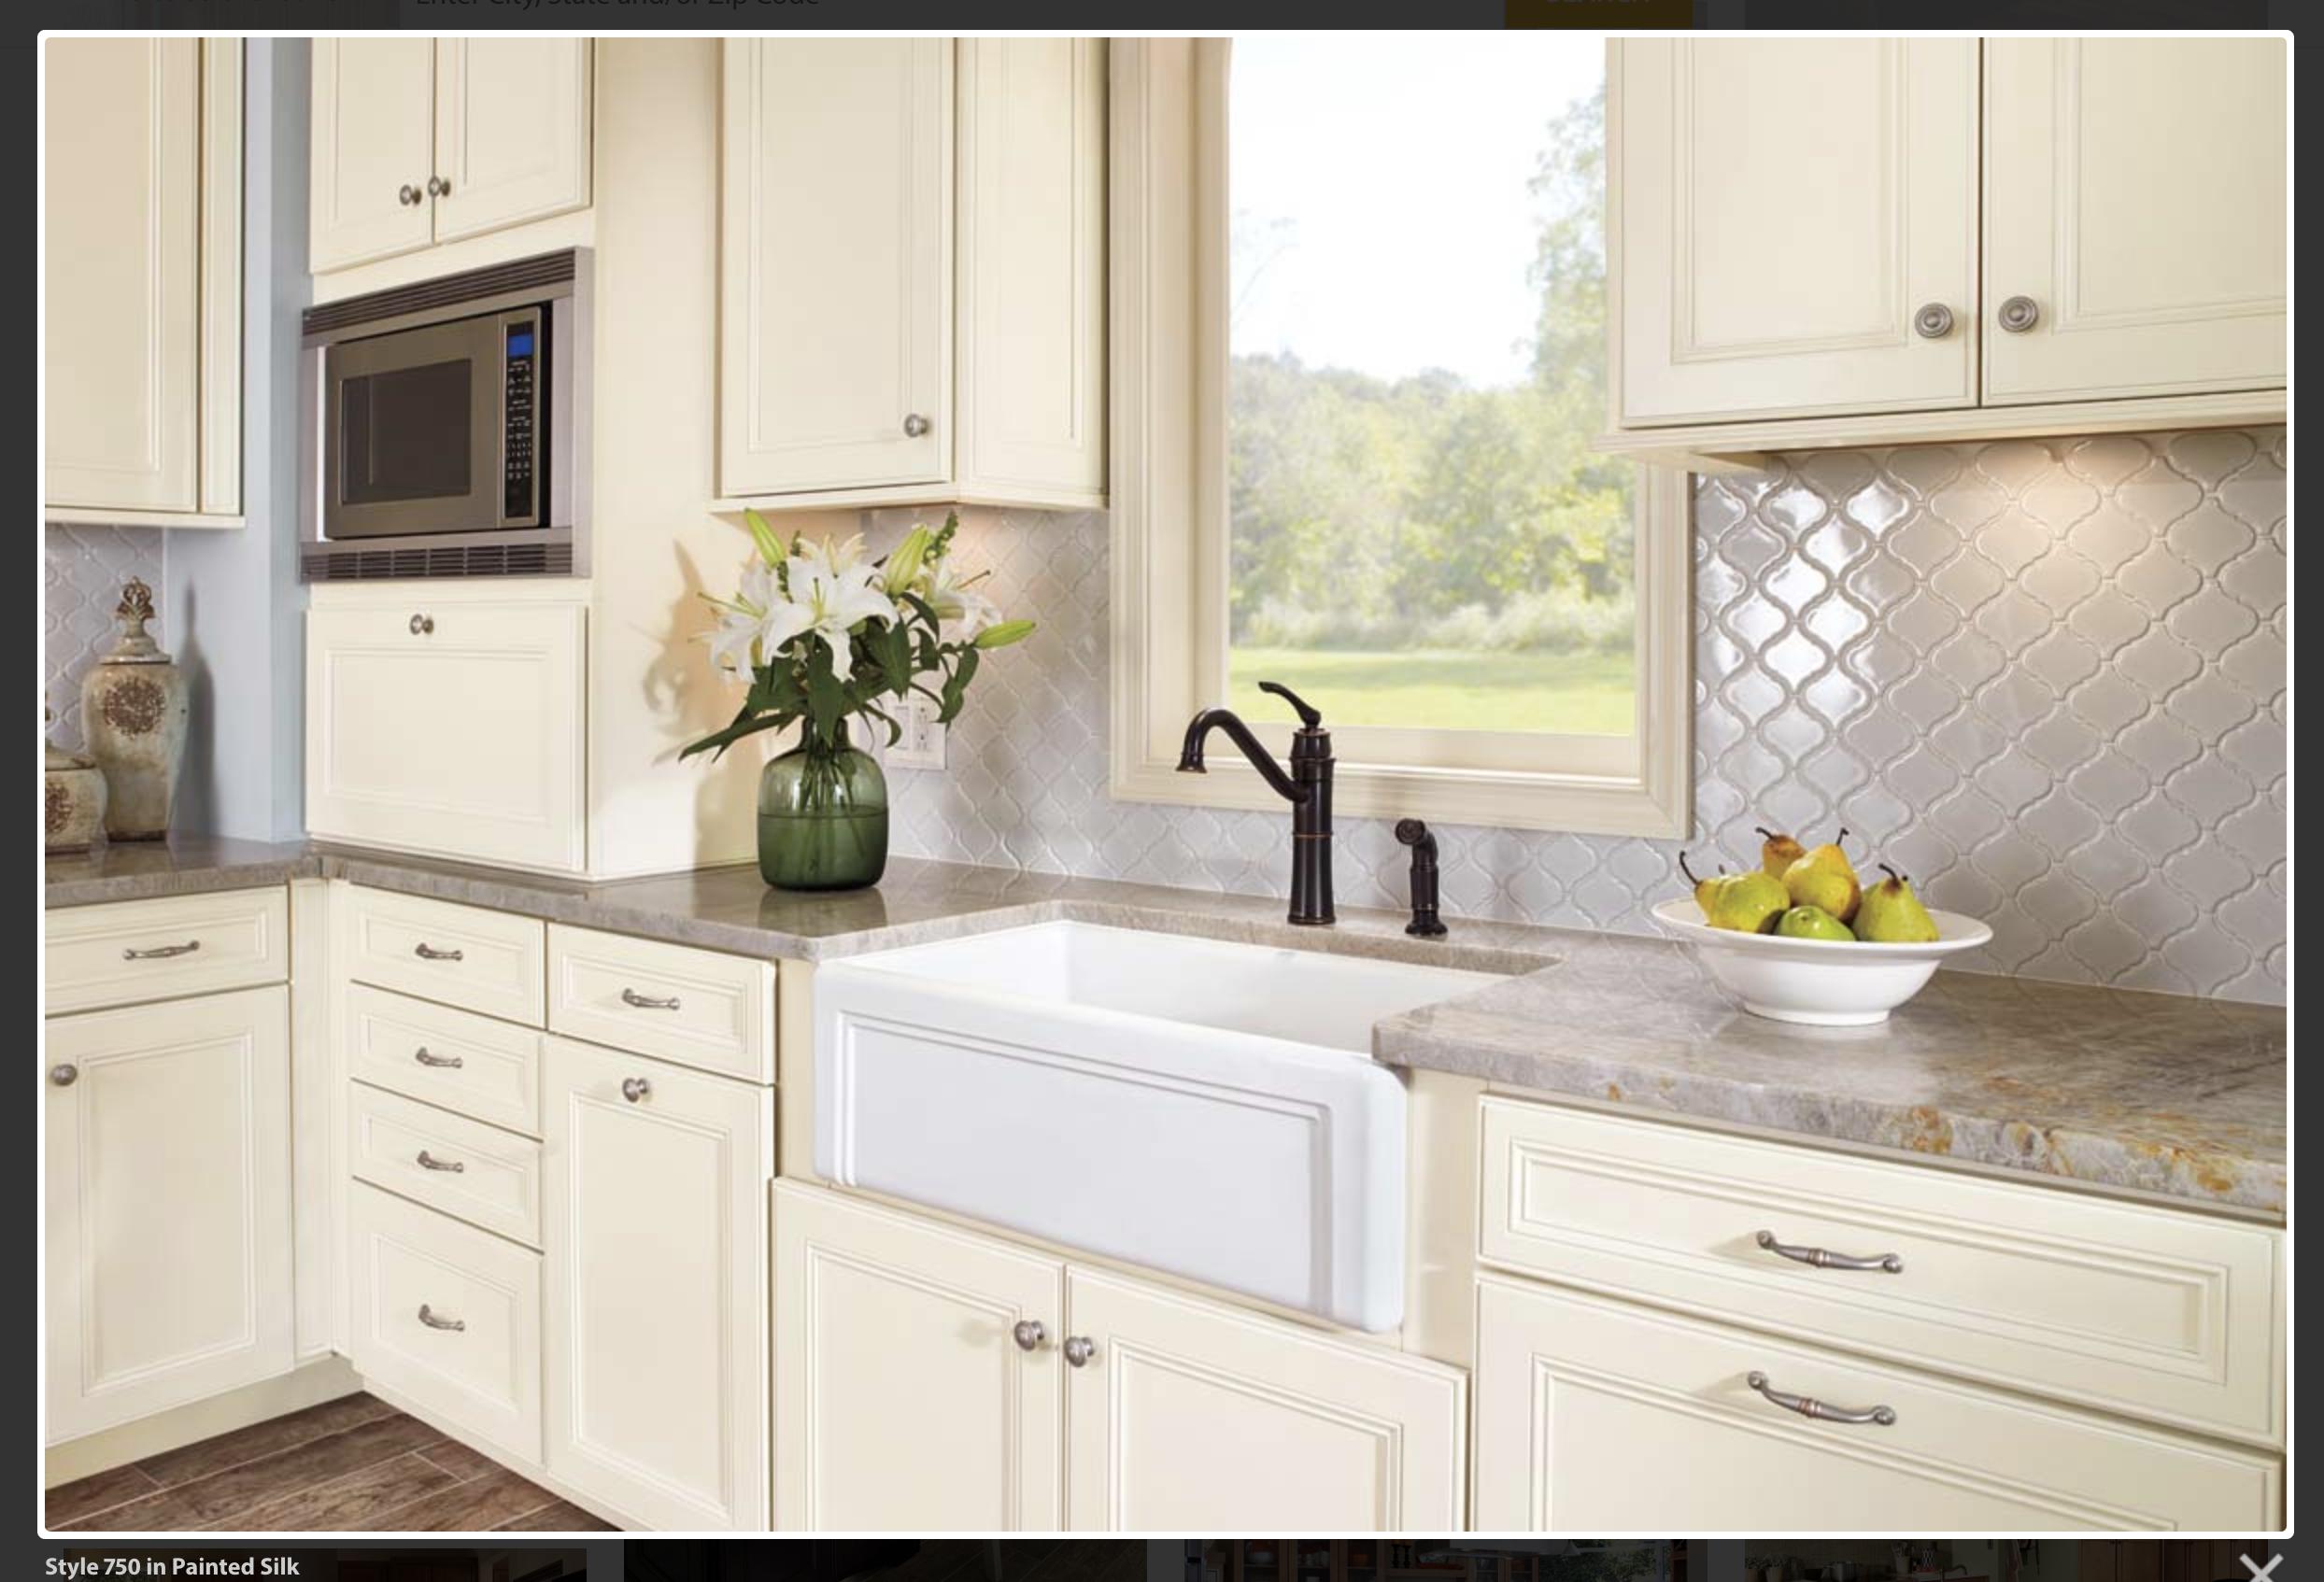 Best Waypoint 750 Painted Silk Kitchen Cabinets Kitchen 640 x 480